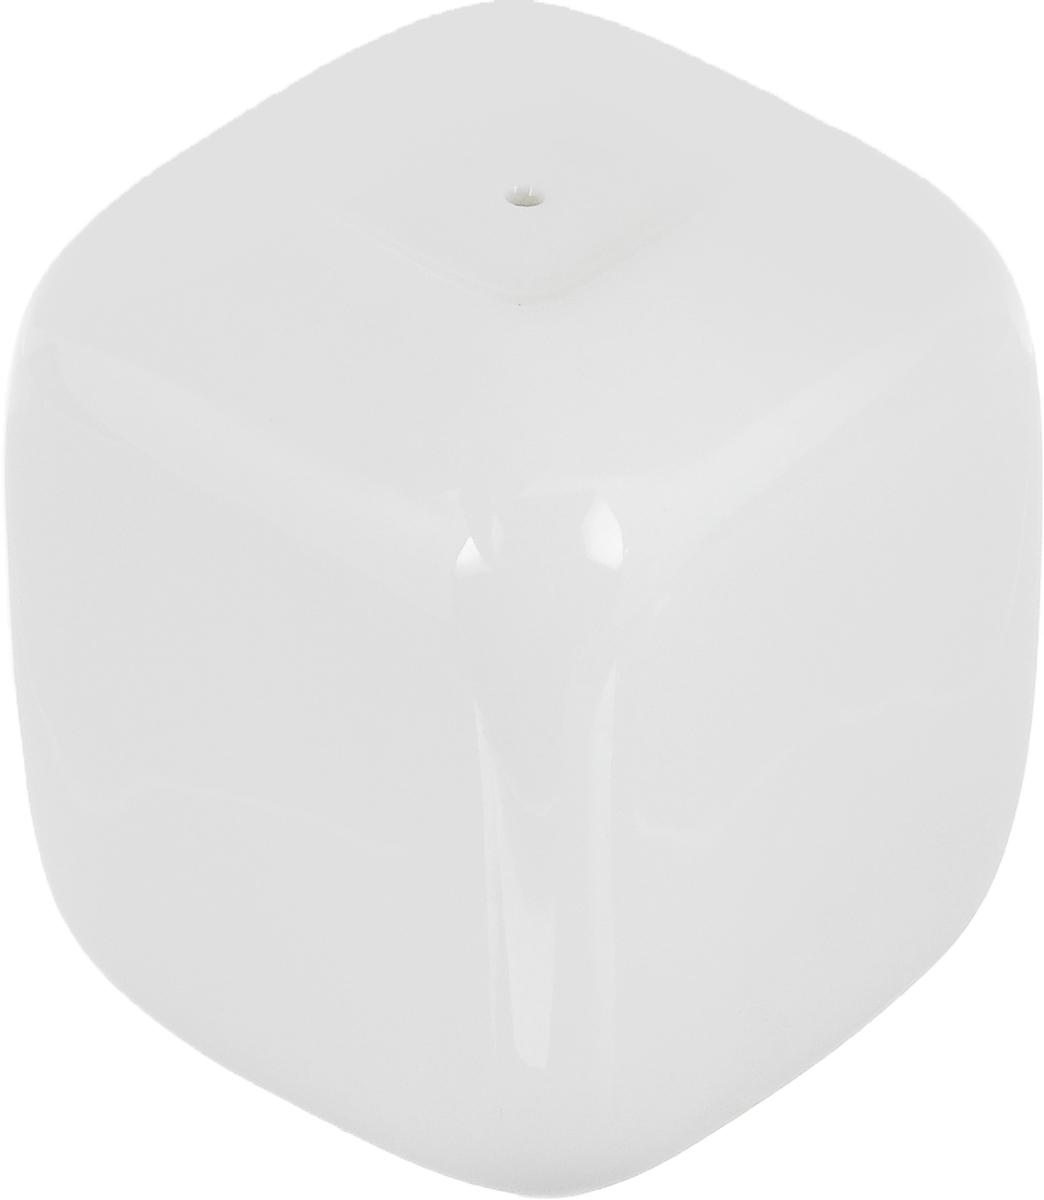 Перечница Ariane Vital Square, 4,5 х 4,5 х 5,5 см17149Перечница Ariane Vital Square изготовлена из высококачественного фарфора белого цвета. Перечница имеет одно отверстие для высыпания специй, на дне - отверстие, позволяющее наполнить емкость, снабженное силиконовой вставкой.Такая перечница украсит сервировку вашего стола и подчеркнет прекрасный вкус хозяина, а также станет отличным подарком.Можно мыть в посудомоечной машине.